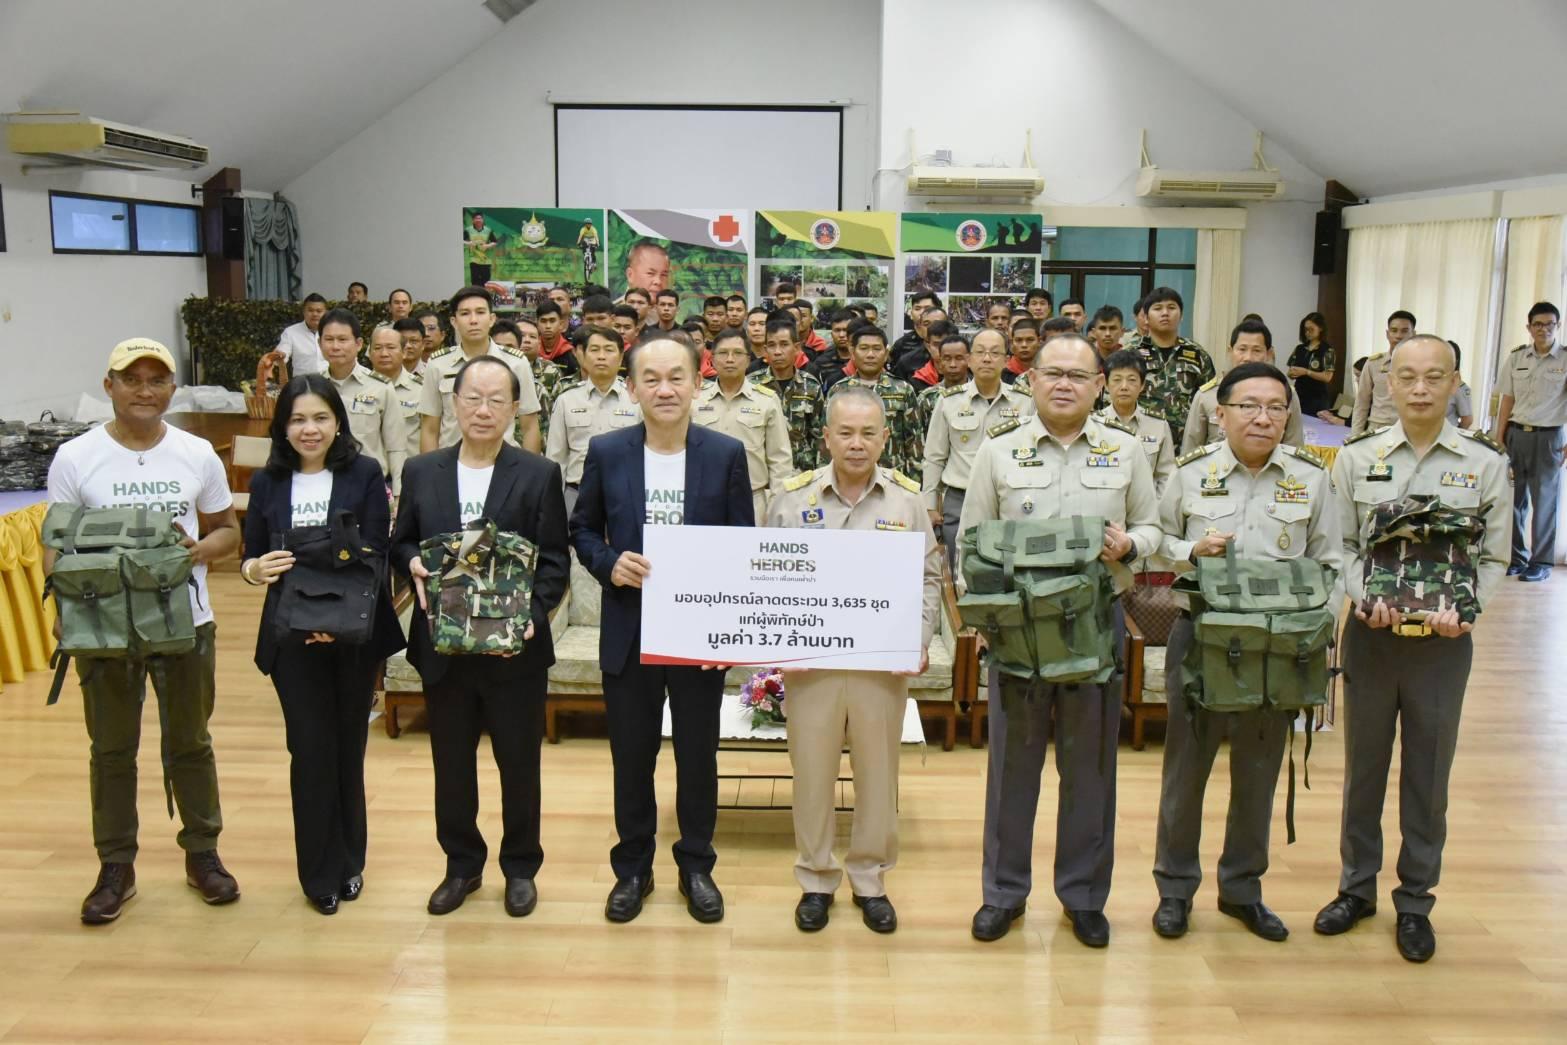 """โครงการ """"HANDS FOR HEROES รวมมือเรา เพื่อคนเฝ้าป่า""""  มูลนิธิเอสซีจี เป็นตัวแทนผู้สนับสนุนมอบอุปกรณ์ลาดตระเวน แก่ผู้พิทักษ์ป่าทั่วประเทศ"""